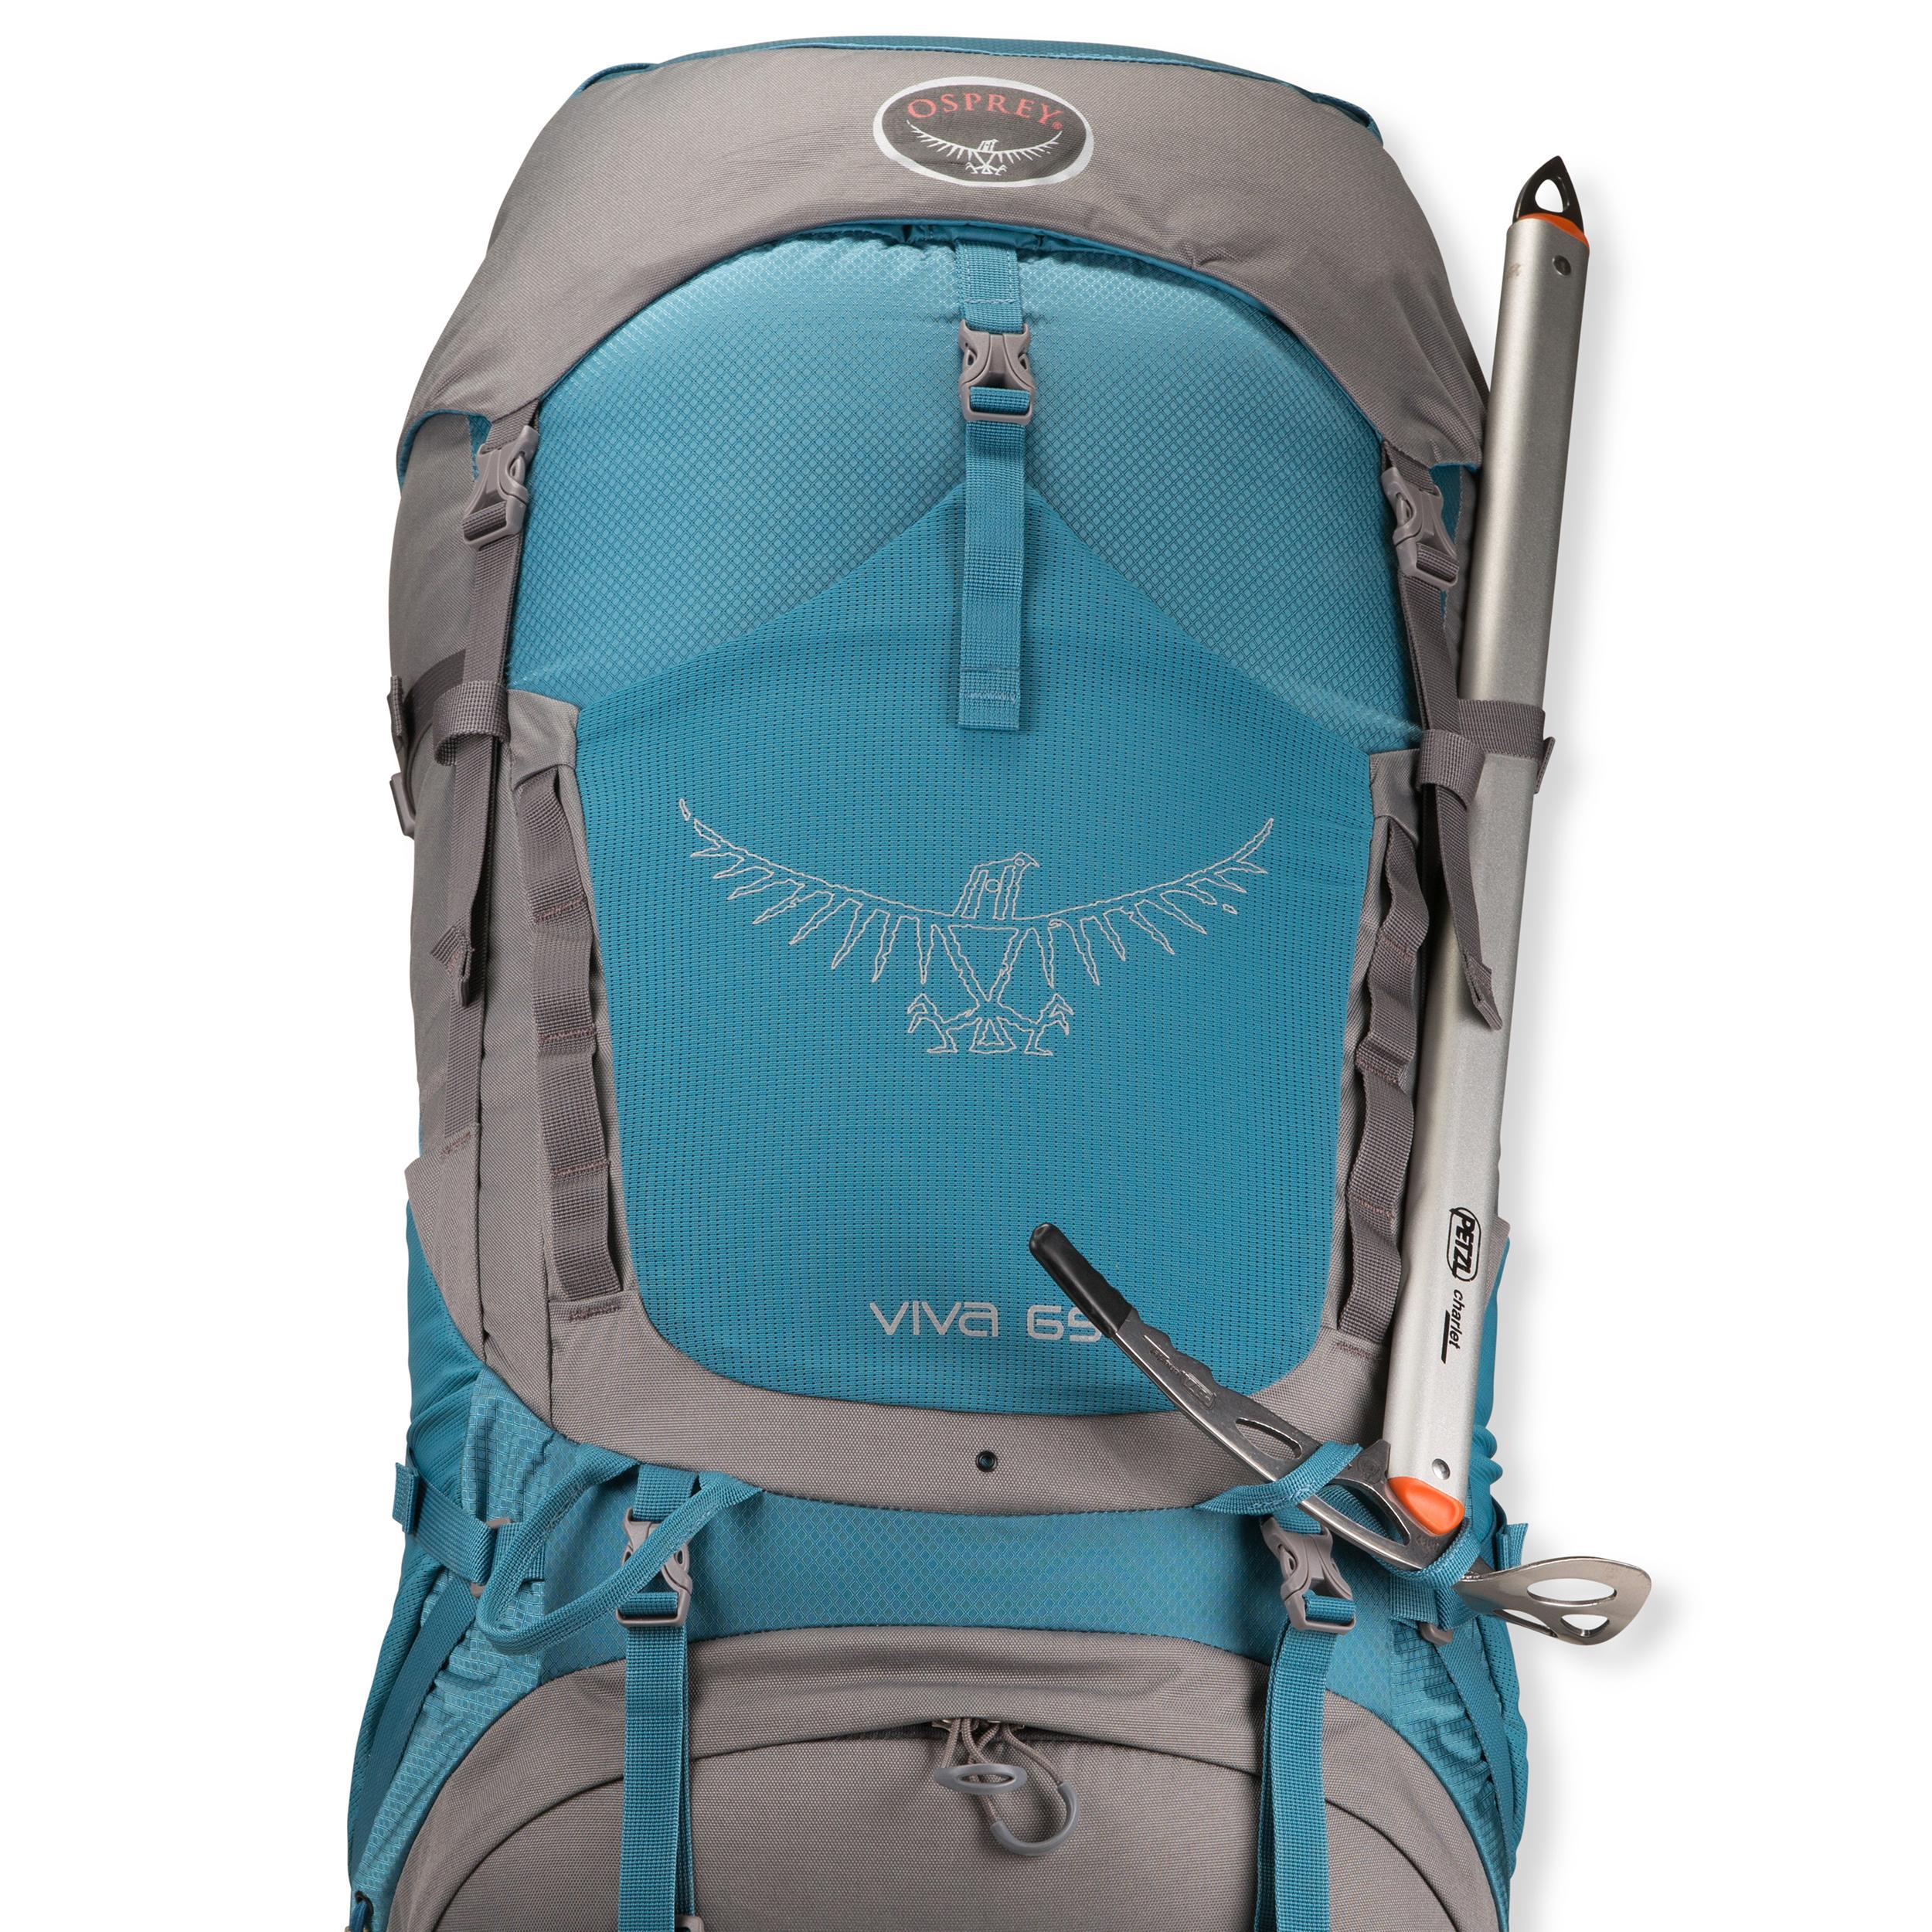 ad98828856dd Amazon.com   Osprey Packs Women s Viva 65 Backpack